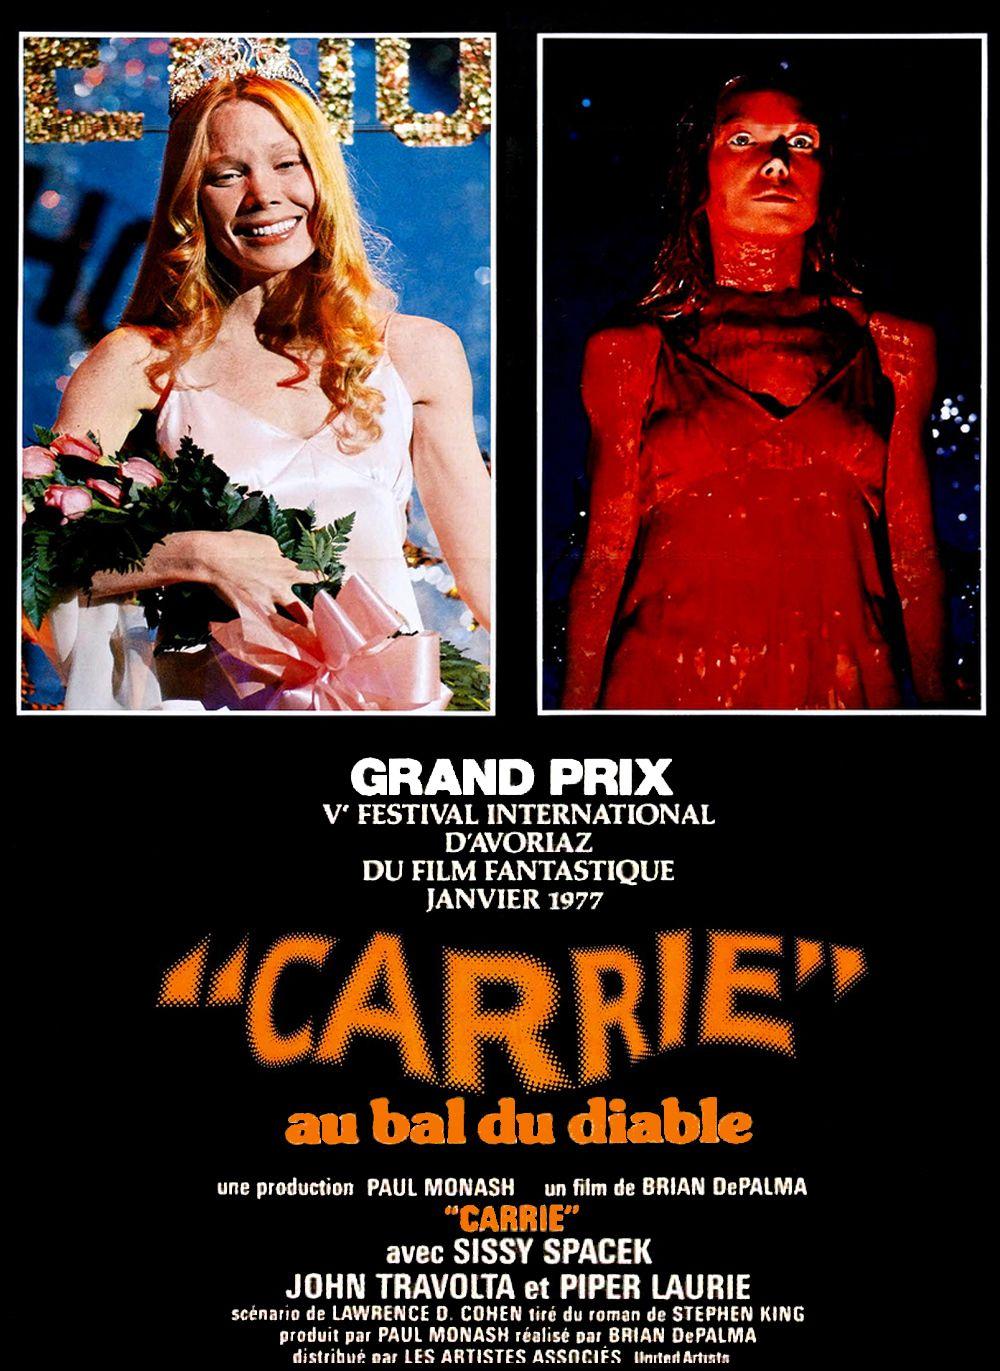 carrie au bal du diable film 1976 senscritique